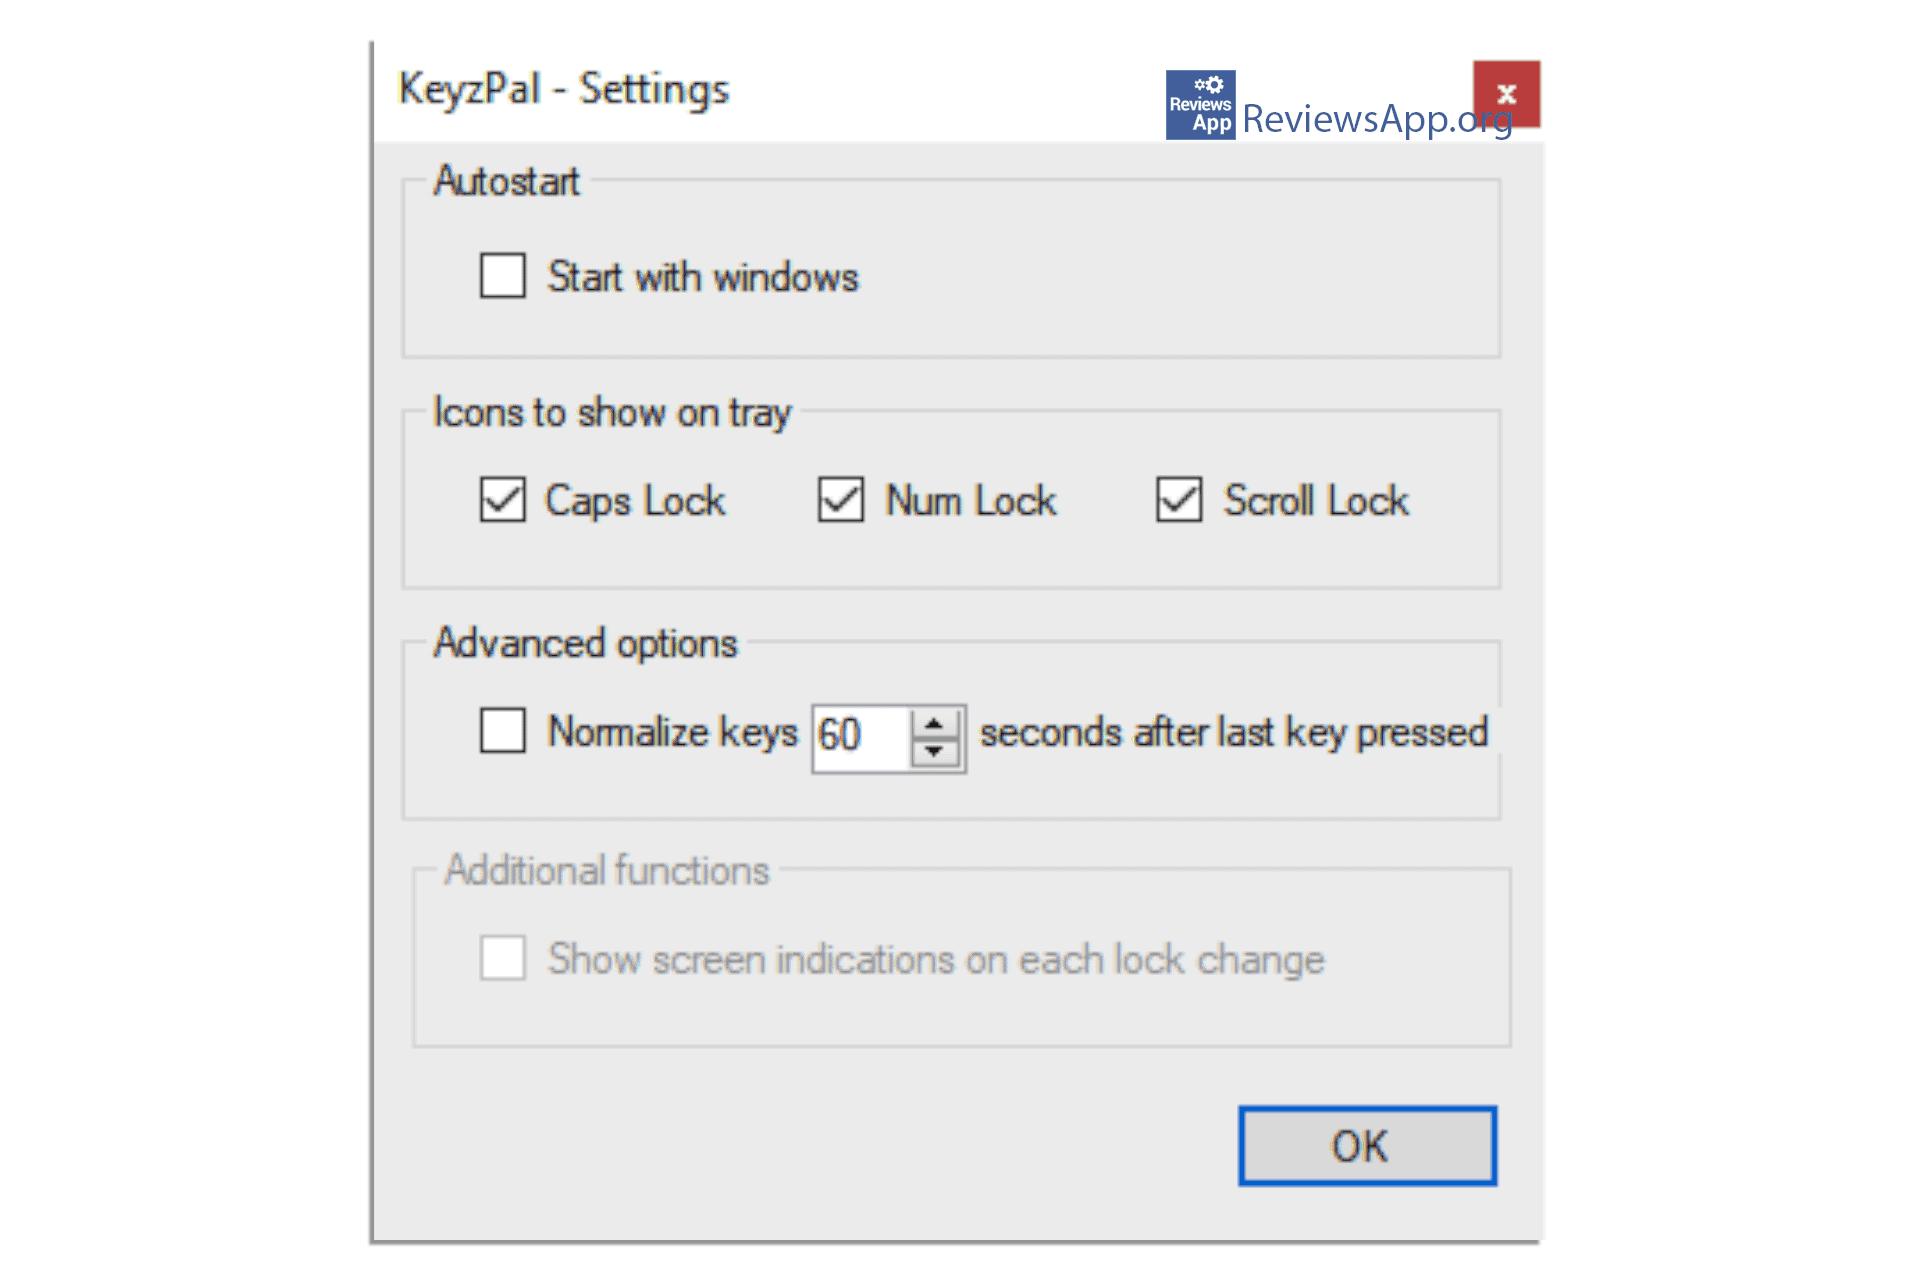 KeyzPal settings